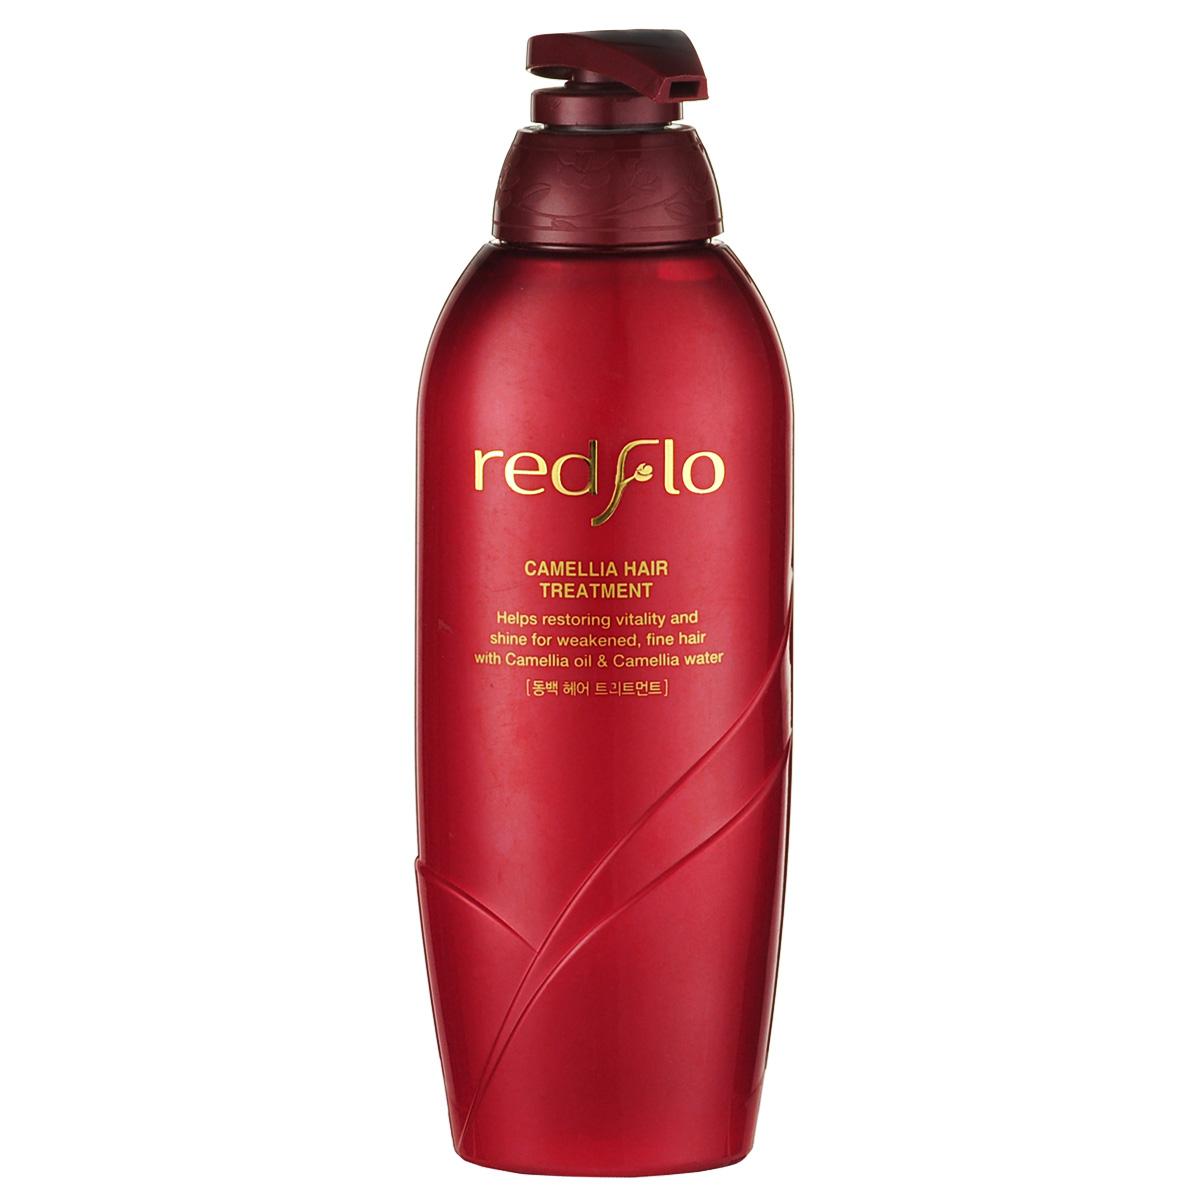 Somang Redflo Маска для волос, 500 мл123312Превосходное средство для ухода за окрашенными волосами. Делает волосы сверкающими и здоровыми. Придаёт живость цветам. Снабжает волосы натуральным белком и разглаживает кутикулу. Содержит кератин и масло семян Камелии. Для всех типов волос.